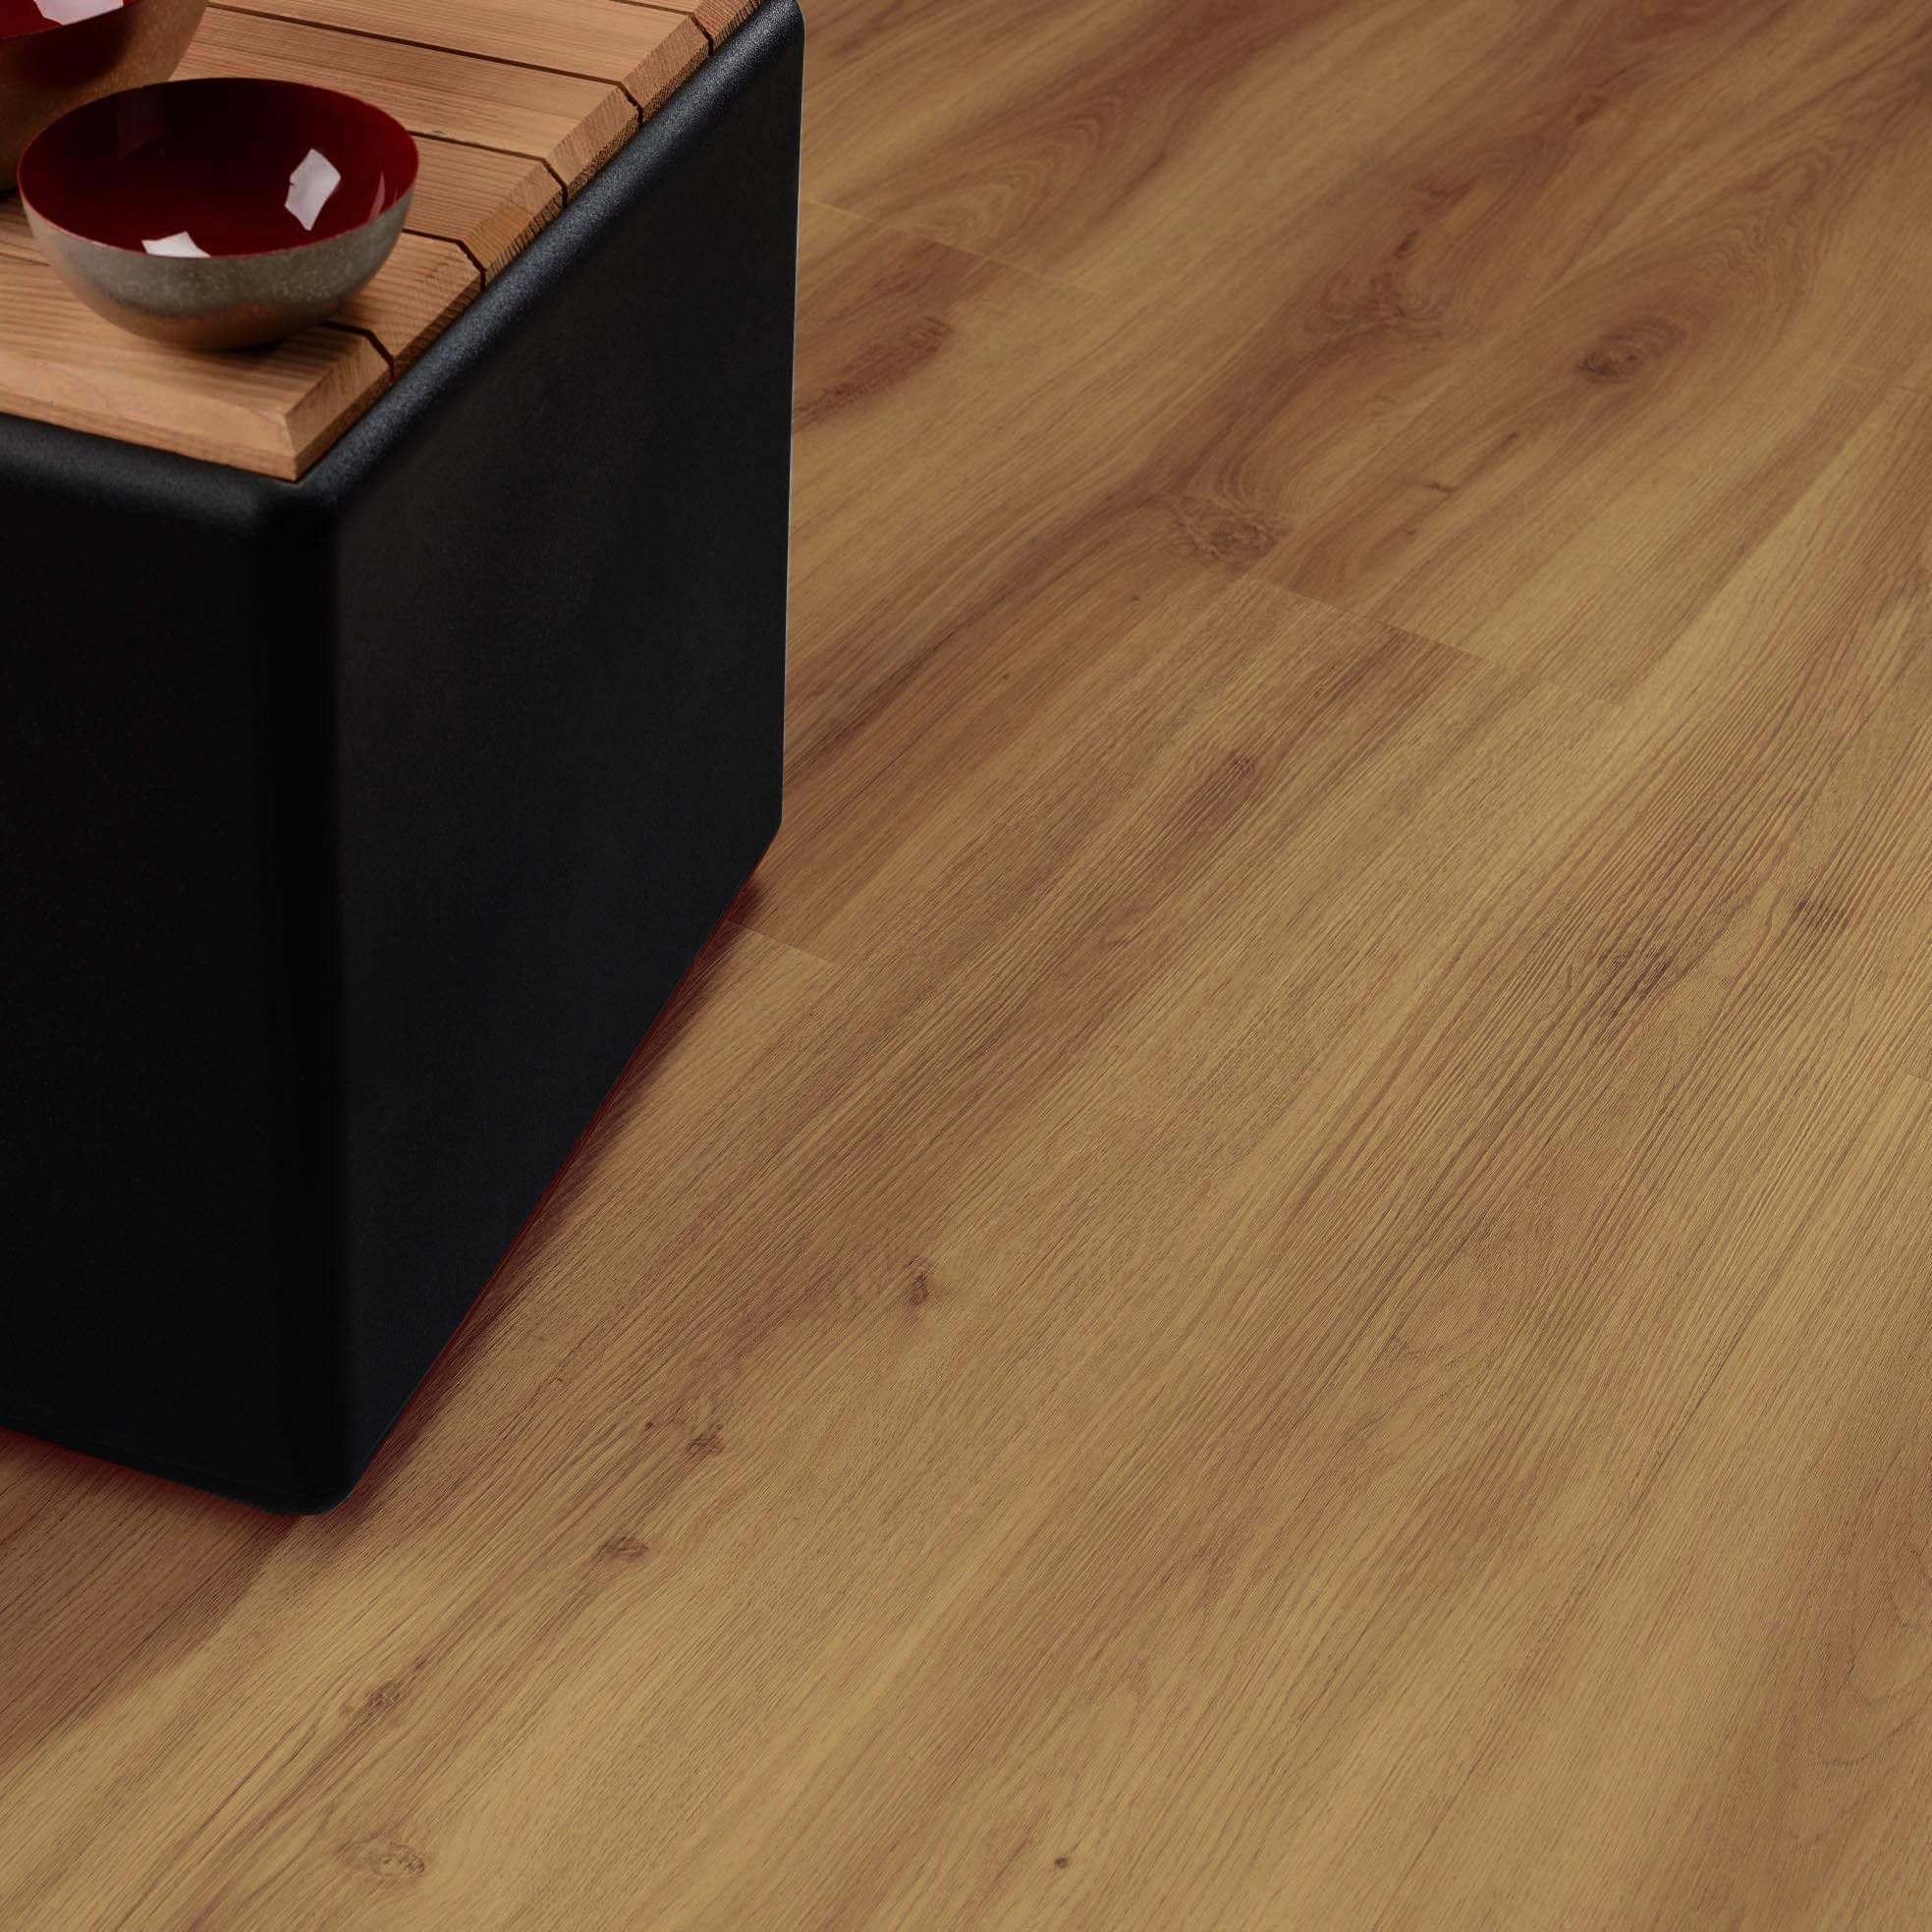 aqua plank french oak click vinyl flooring factory. Black Bedroom Furniture Sets. Home Design Ideas